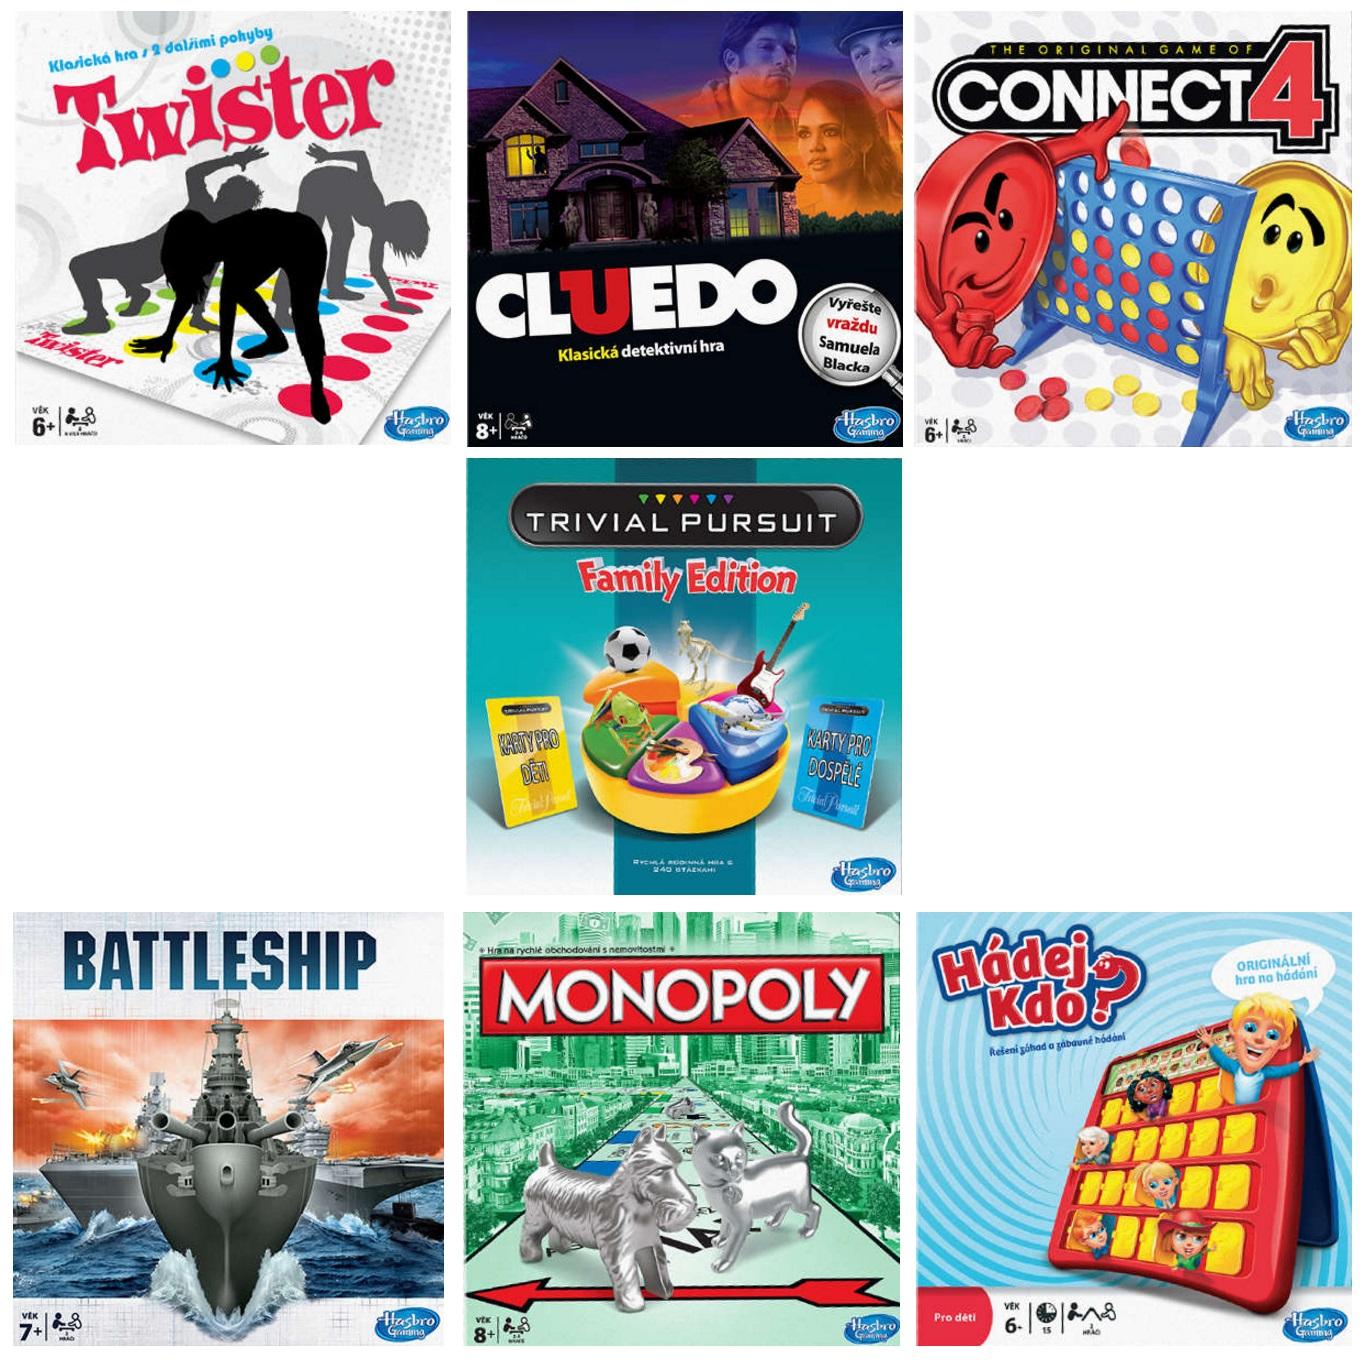 Dětské hry Hasbro (4 hry) / HS-0001-I (EXPEDICE DO 24 HODIN / MOŽNÝ I OSOBNÍ ODBĚR)